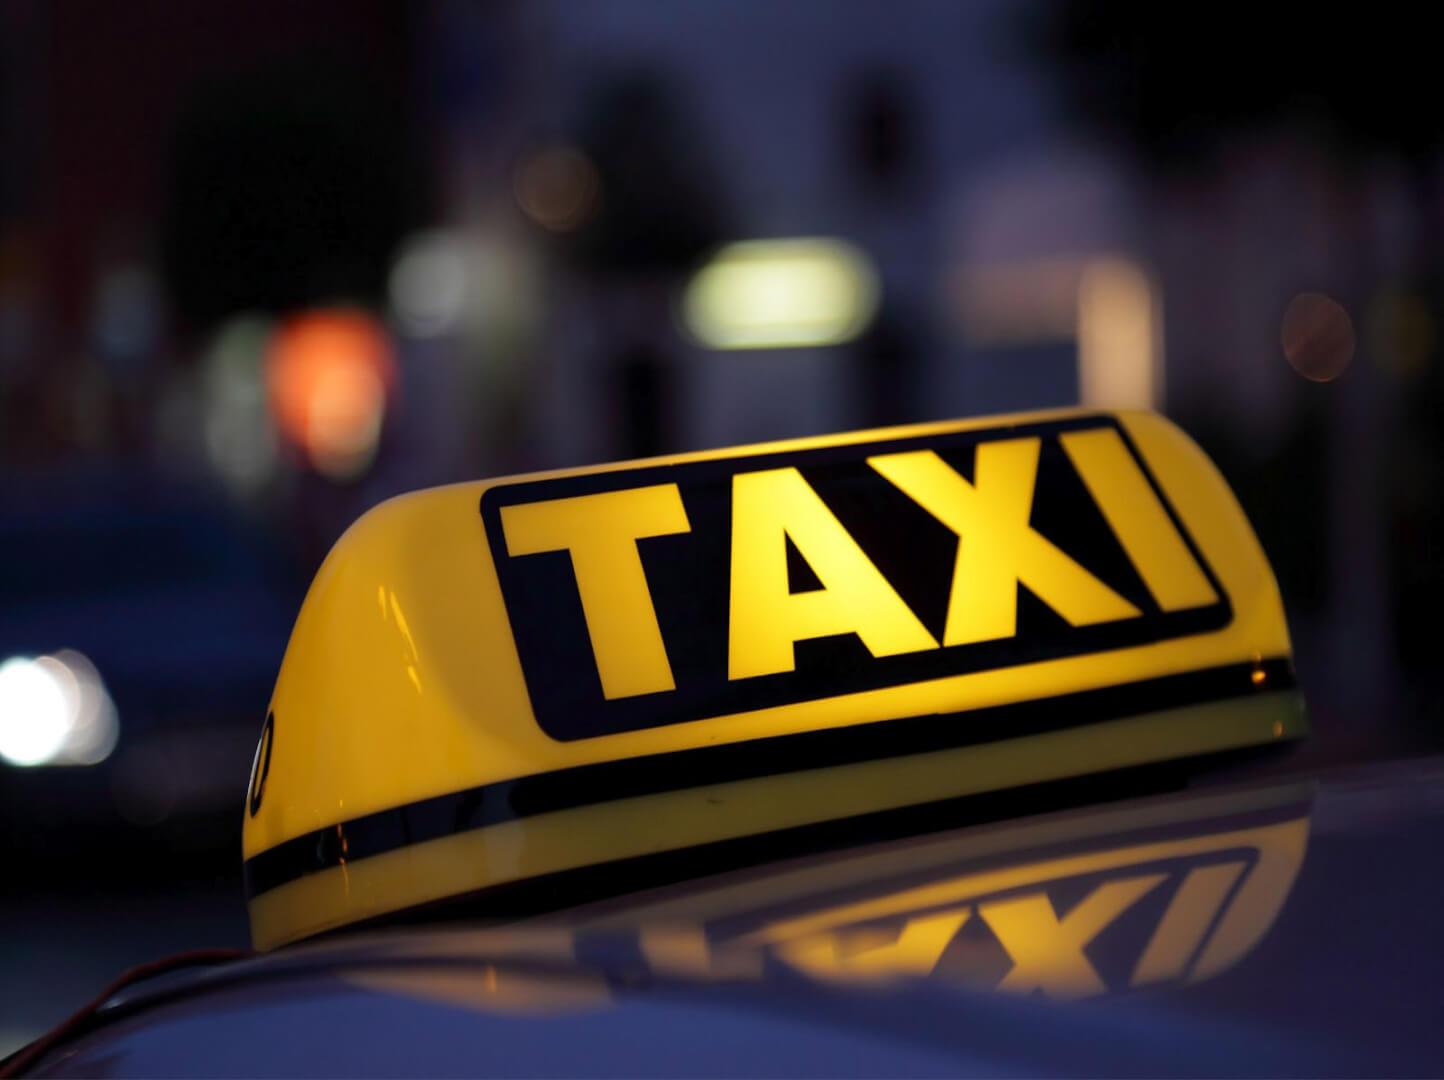 Стандарты работы такси: требования к водителю такси